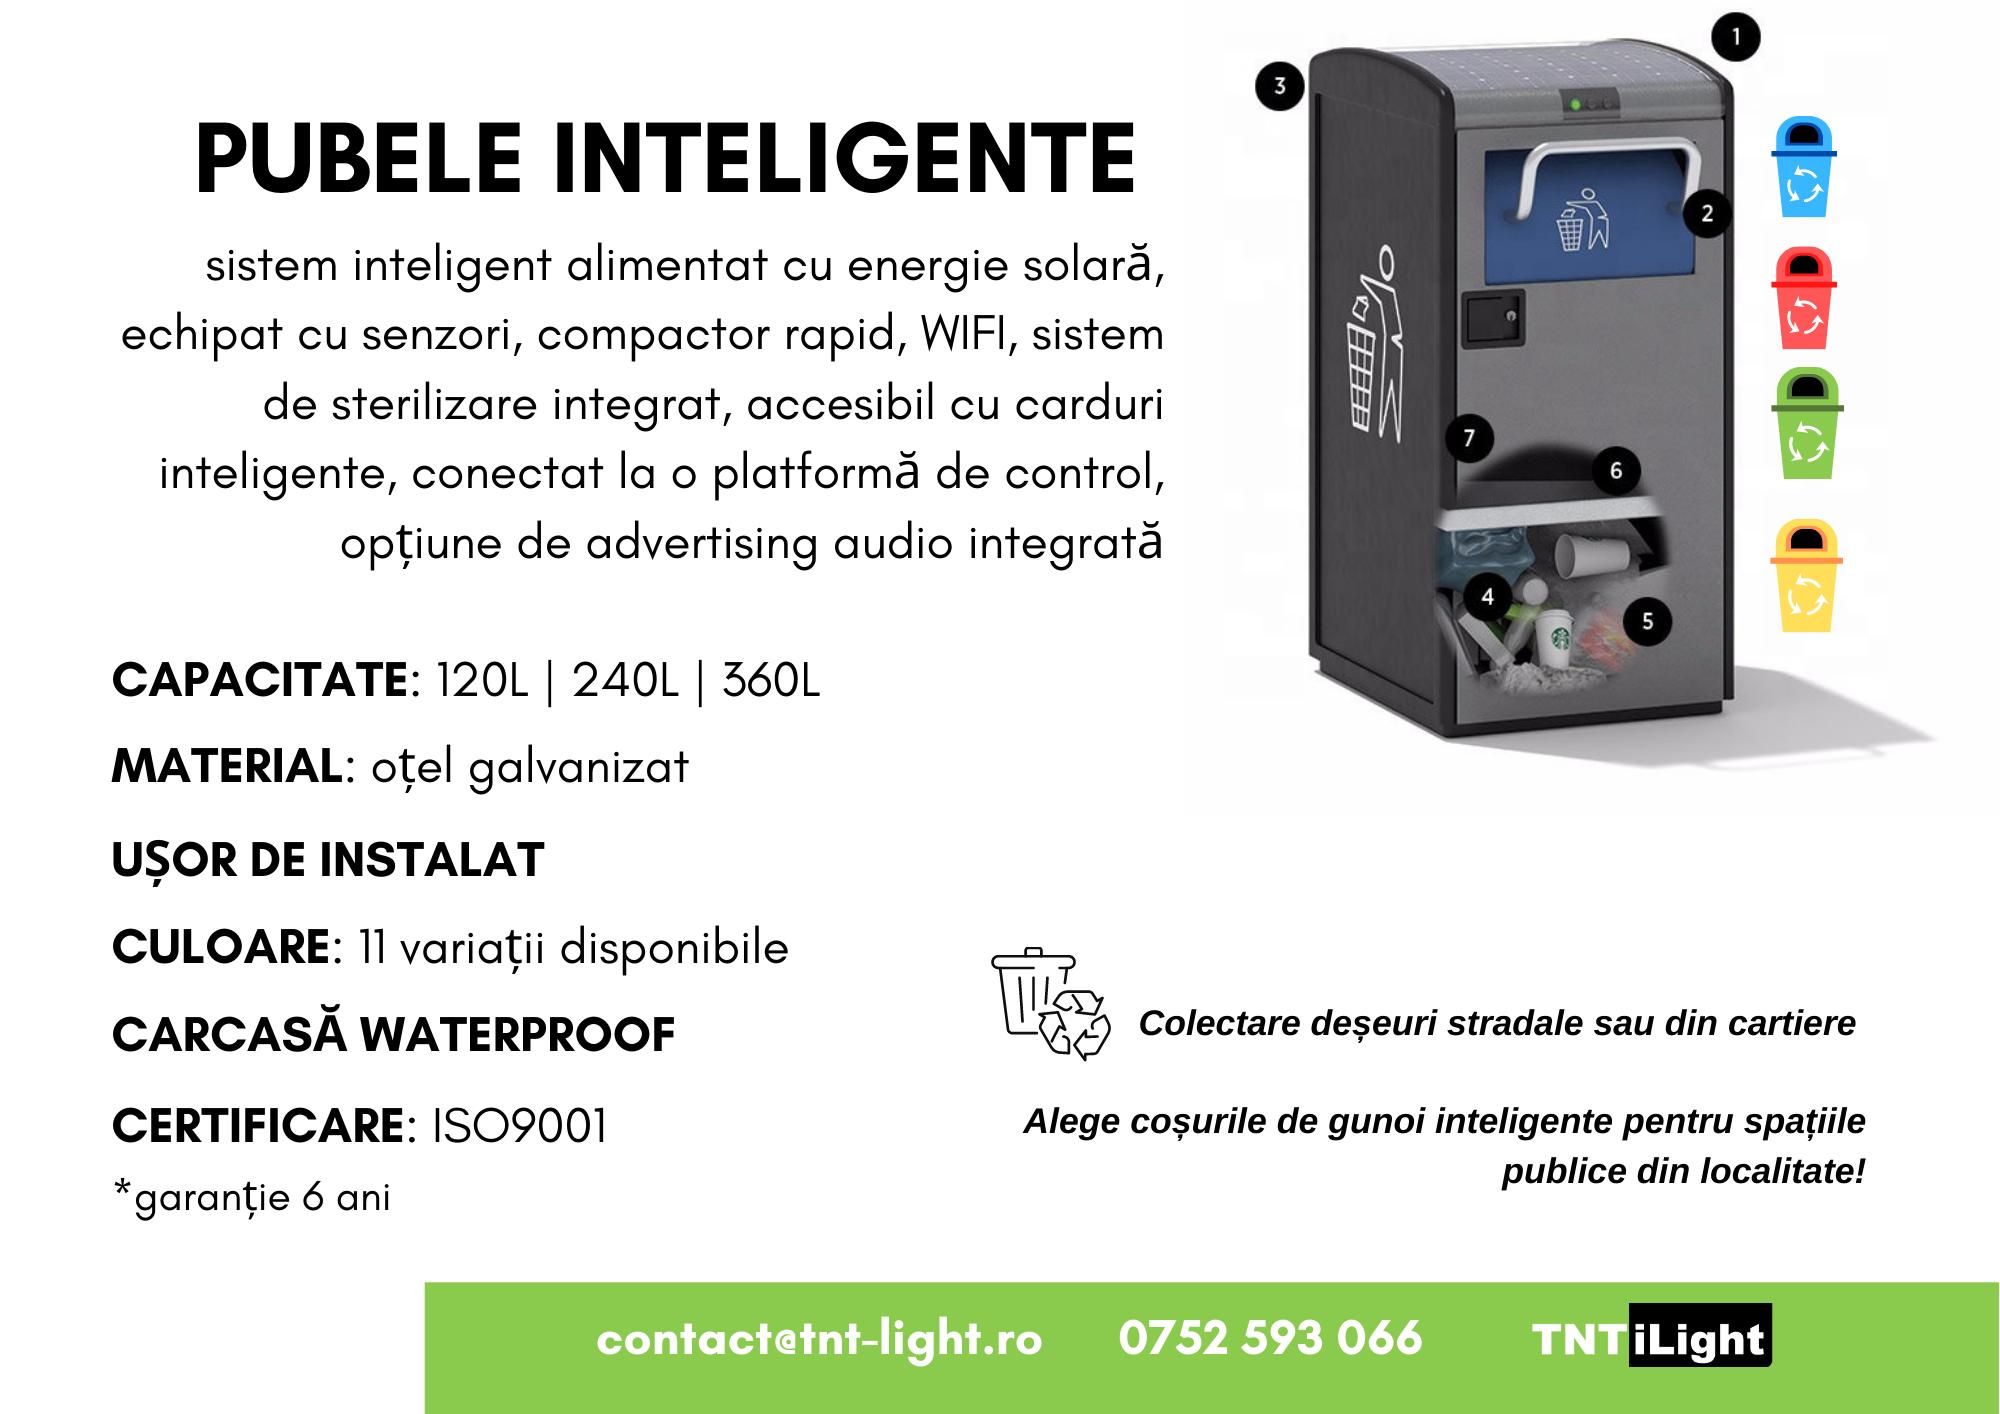 pubele_inteligente_Tnt